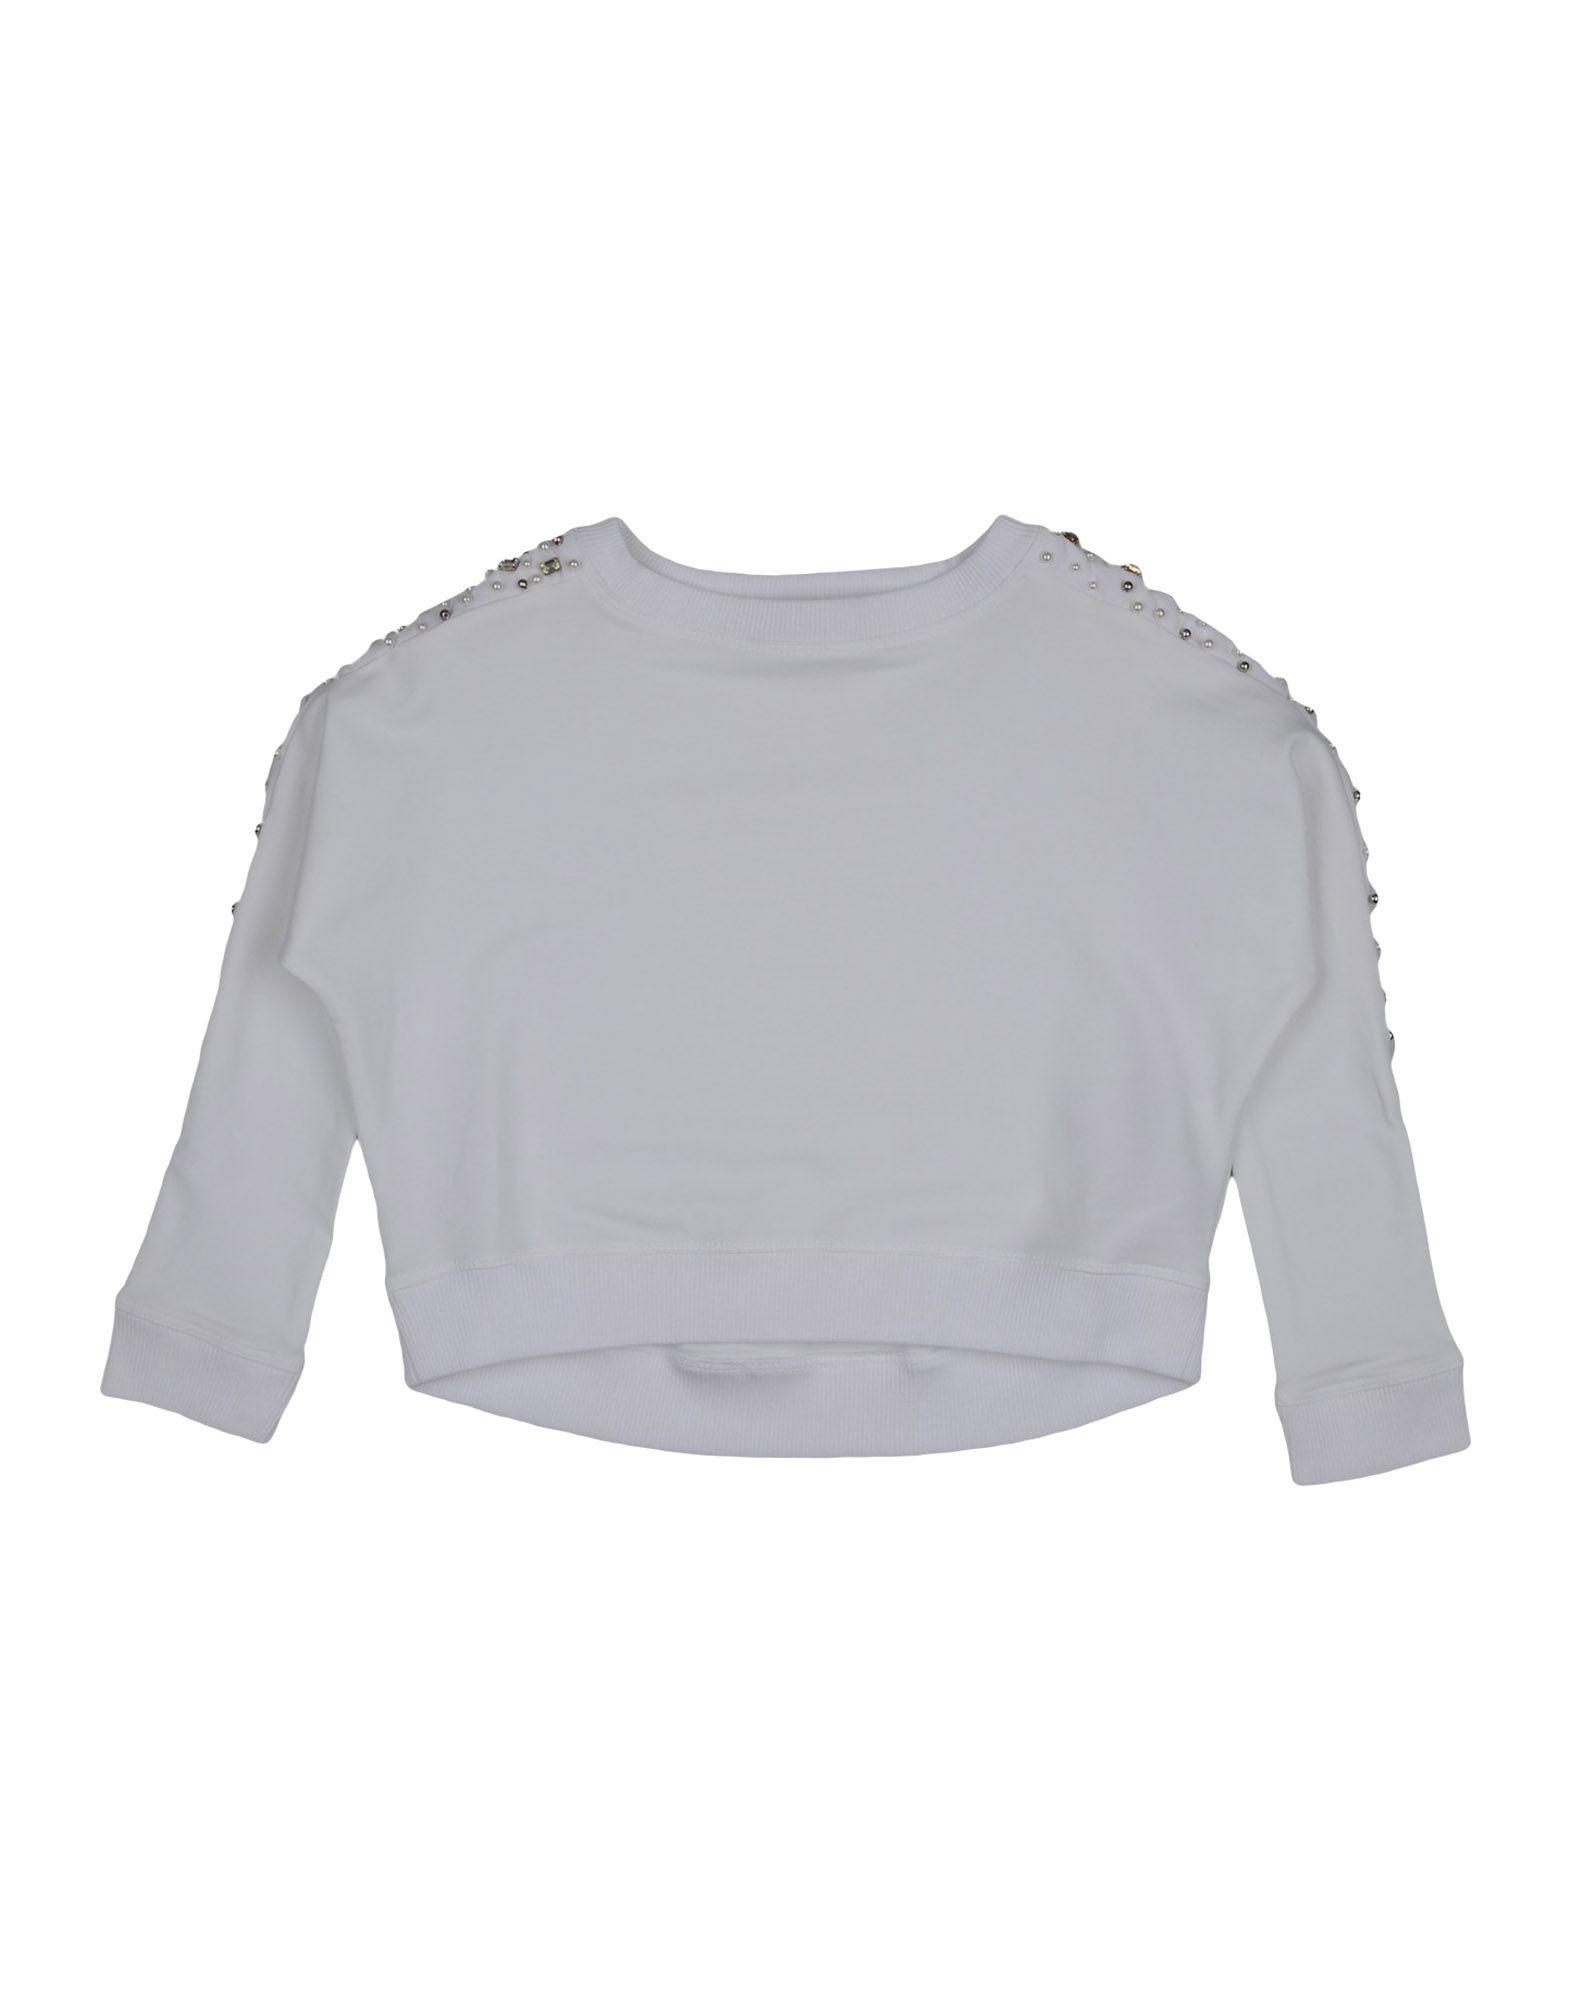 e6b22946 kenzo jumper 16 years sale > OFF43% Discounts